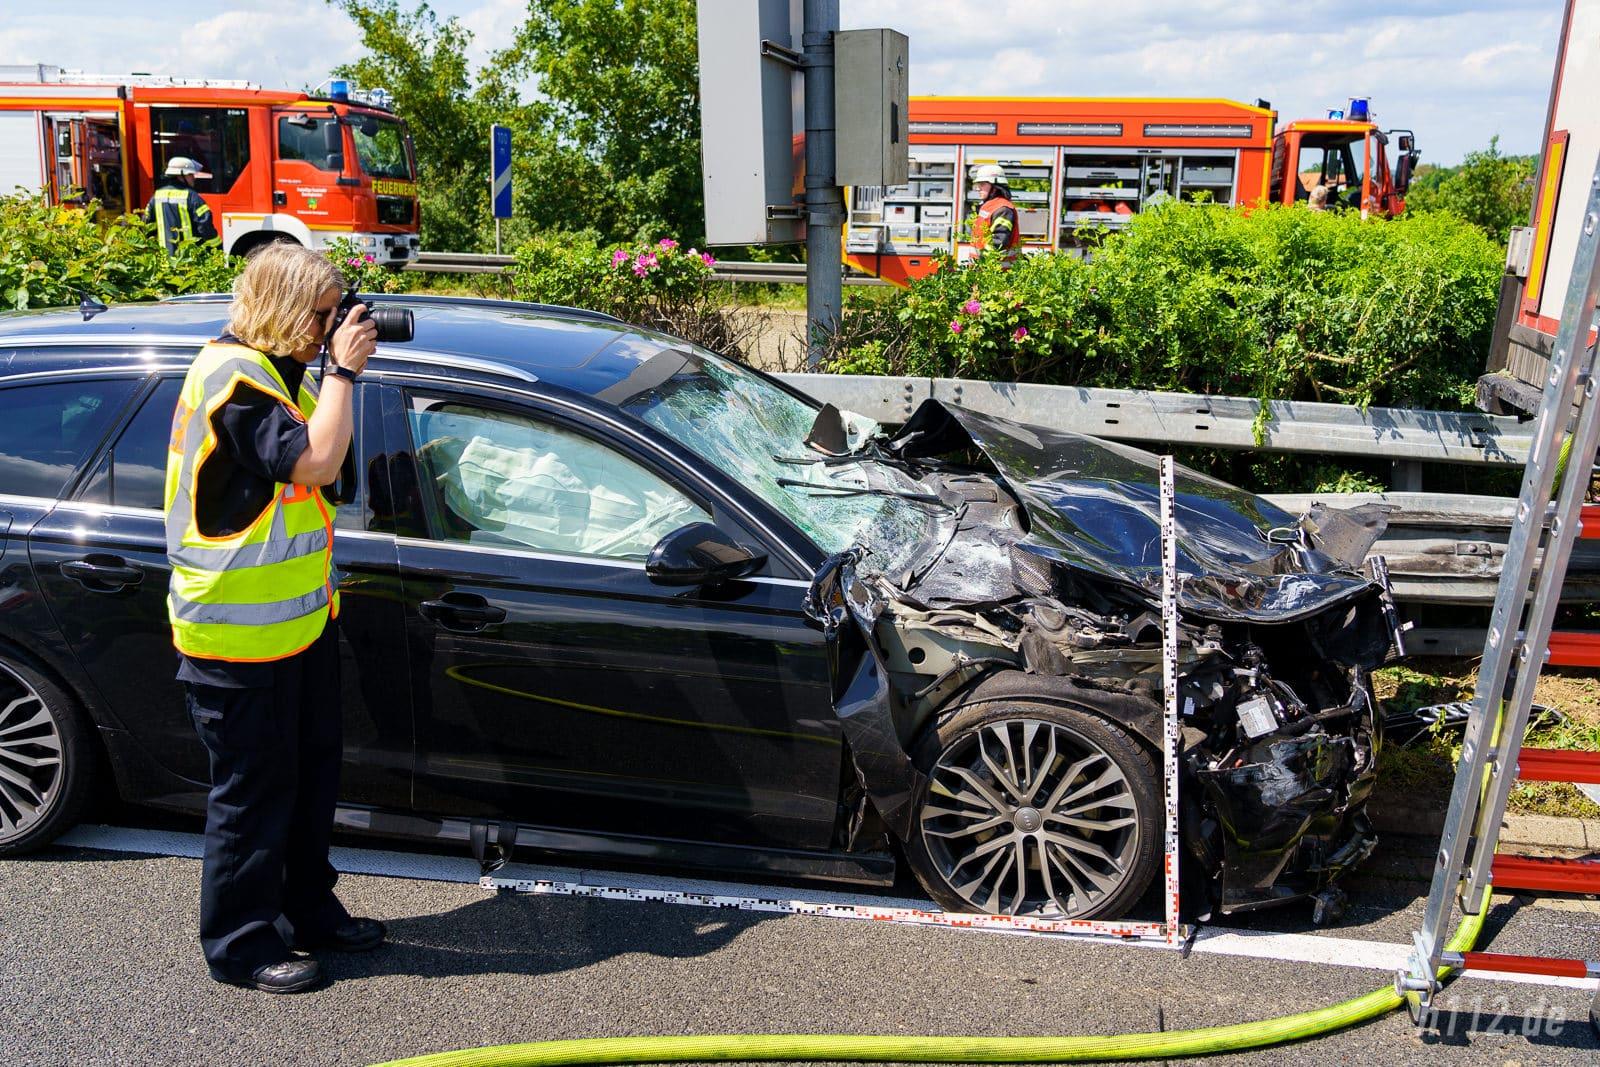 Die Sicherheitssysteme des Audi bewahrten die Insassen vor Verletzungen (Foto: n112.de/Stefan Simonsen)